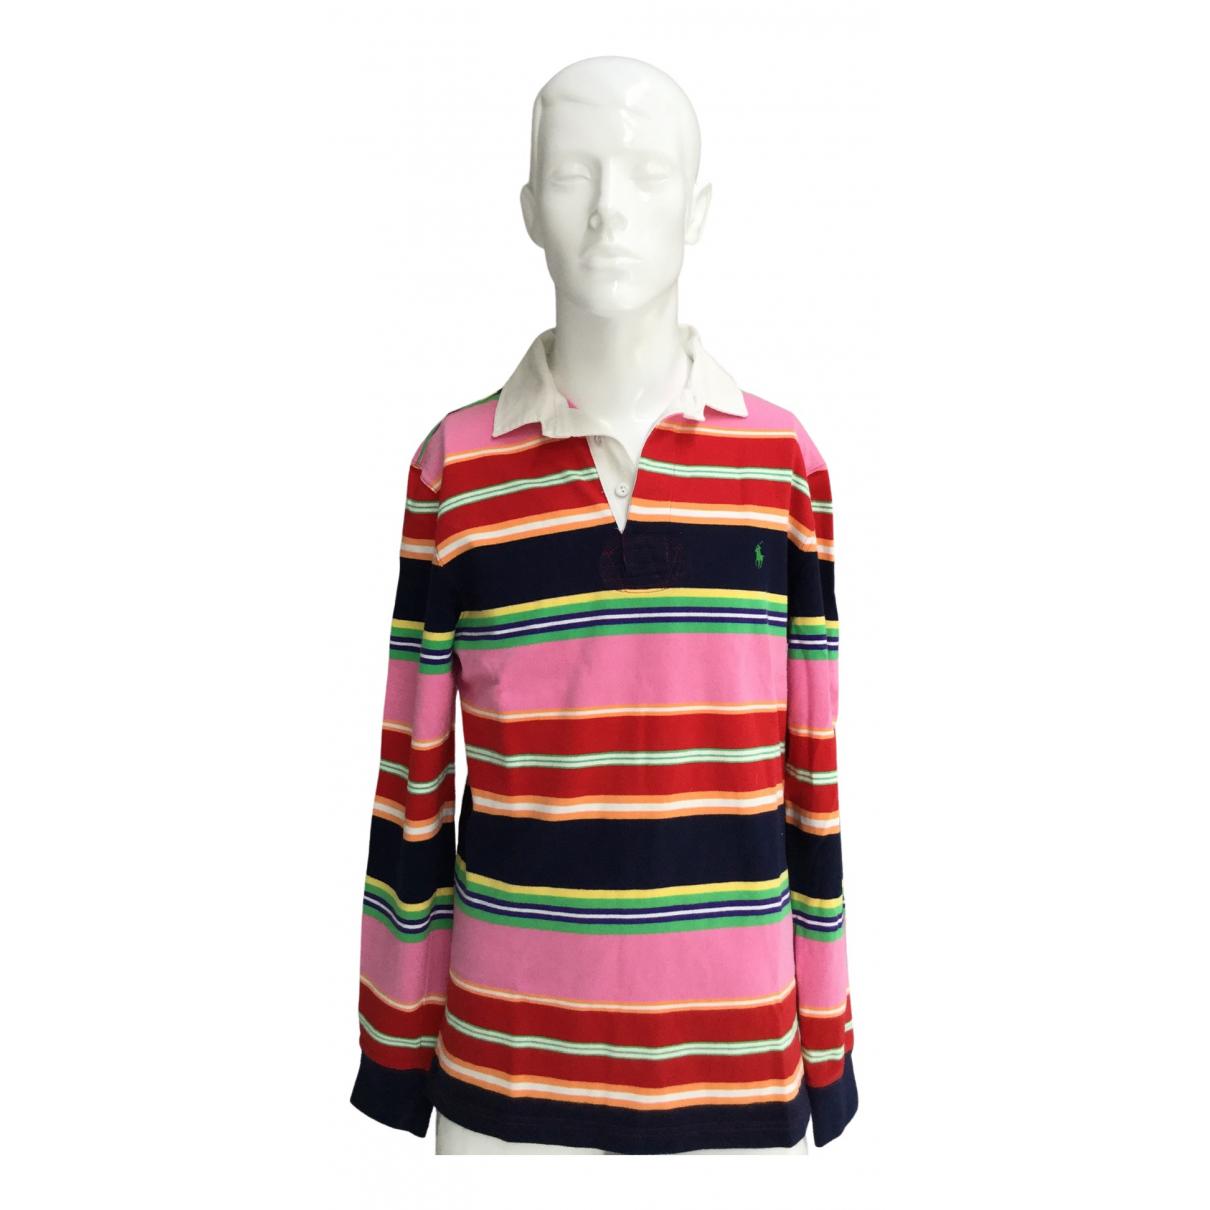 Polo Ralph Lauren - Polos Polo Rugby manches longues pour homme en coton - multicolore